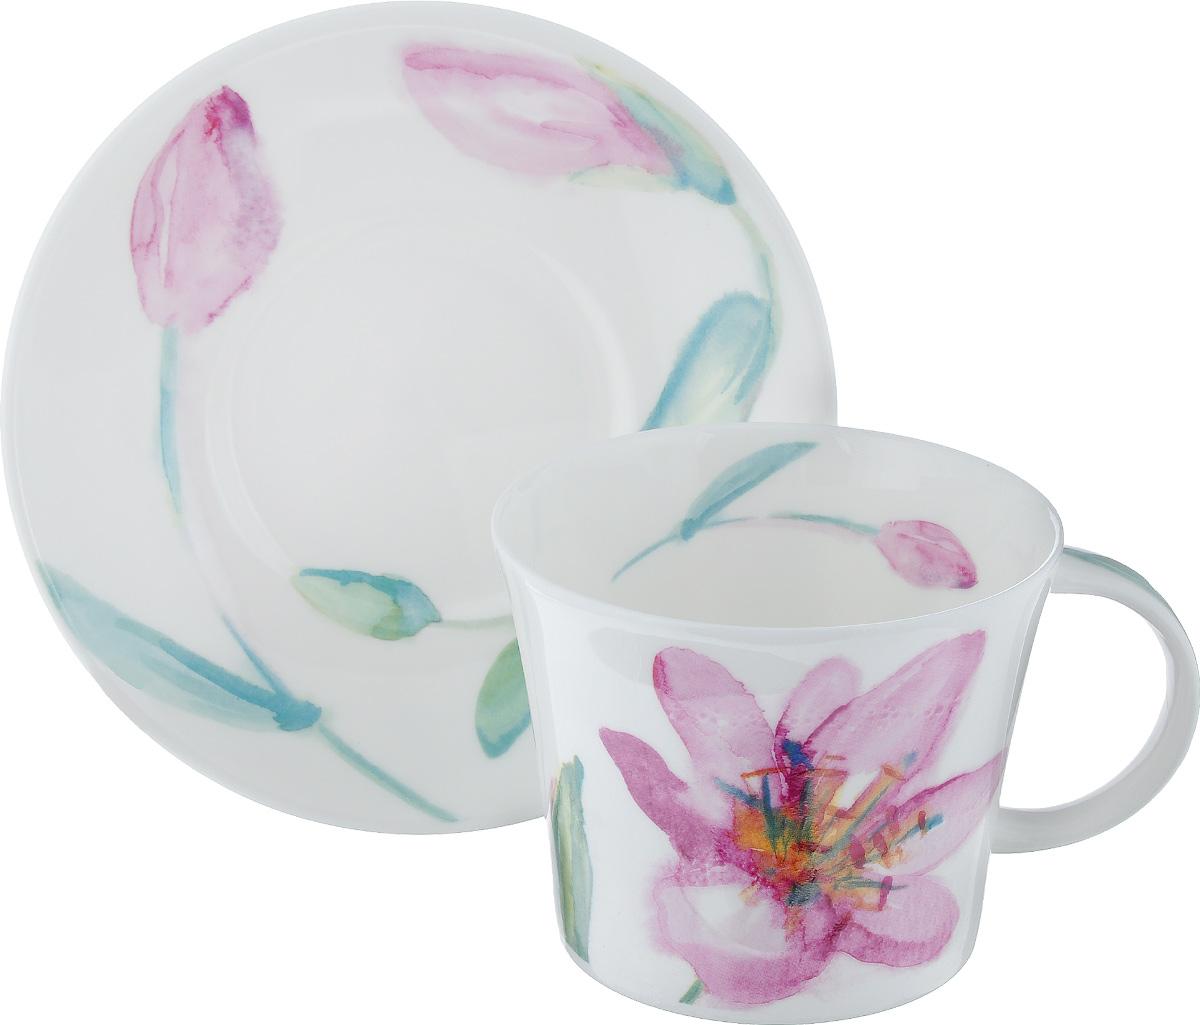 Чайная пара Roy Kirkham Верона, 2 предметаCOVERON1111Чайная пара Roy Kirkham Верона состоит из чашки и блюдца, изготовленных из тонкостенного костяного фарфора высшего качества, отличающегося необыкновенной прочностью и небольшим весом. Изделия оформлены цветочным рисунком. Яркий дизайн, несомненно, придется вам по вкусу. Чайная пара Roy Kirkham Верона украсит ваш кухонный стол, а также станет замечательным подарком к любому празднику. Объем чашки: 500 мл. Диаметр чашки по верхнему краю: 10,5 см. Высота чашки: 8,5 см. Диаметр блюдца: 17 см. Высота блюдца: 2,5 см.